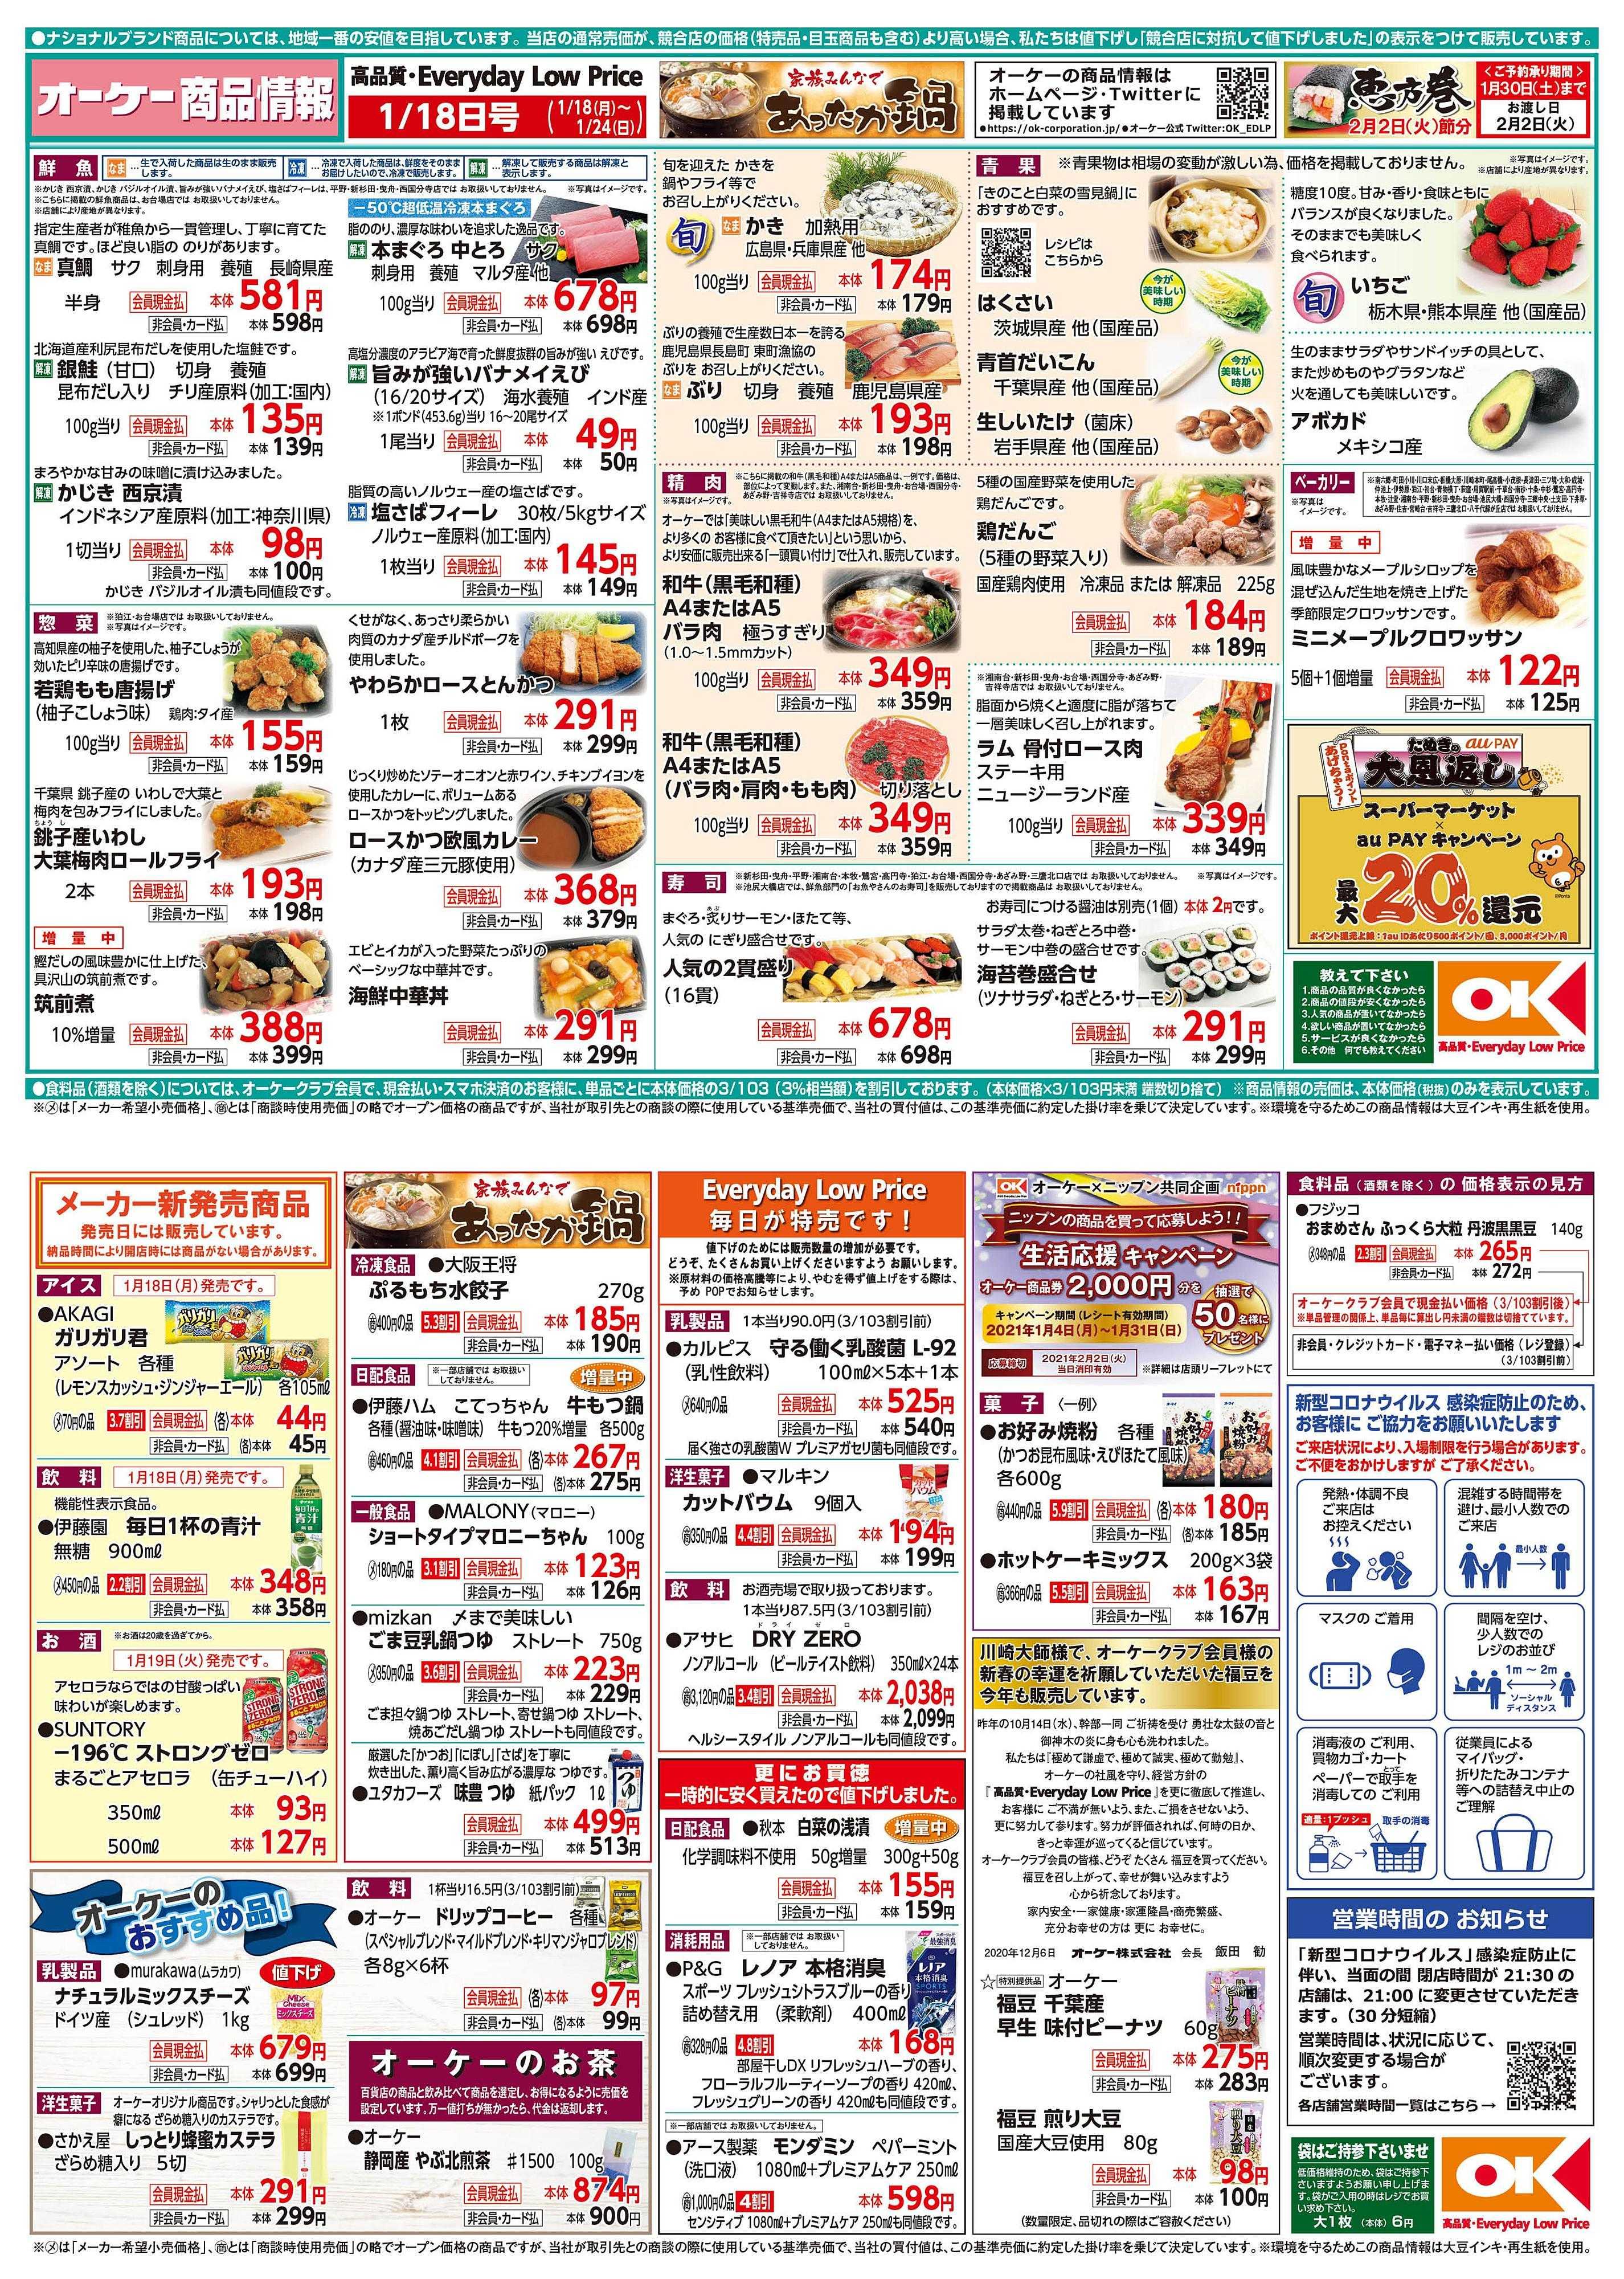 オーケー 商品情報紙1月18日号